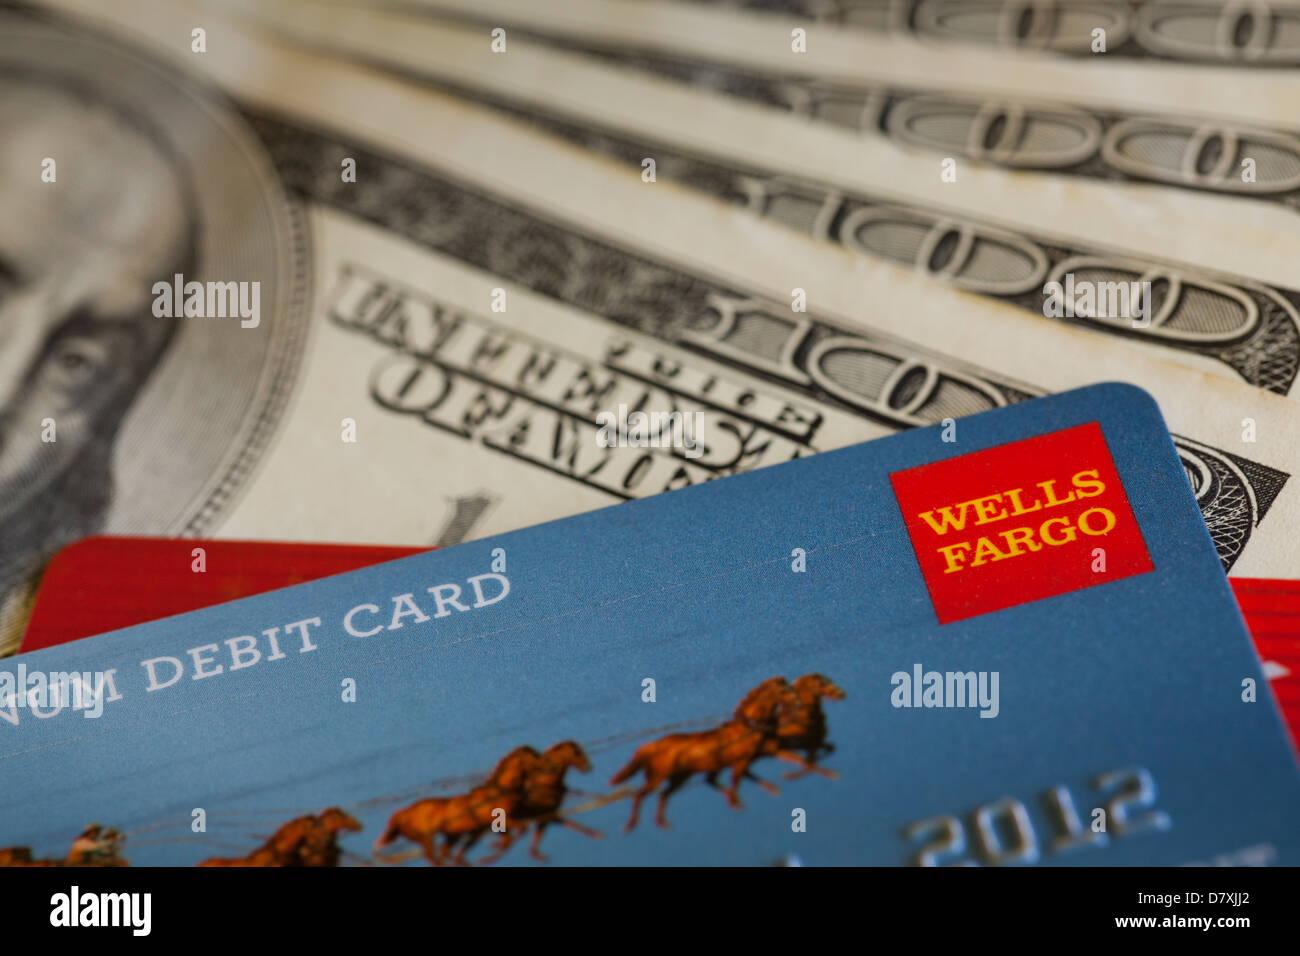 Wells Fargo debit card on $100 bills - Stock Image